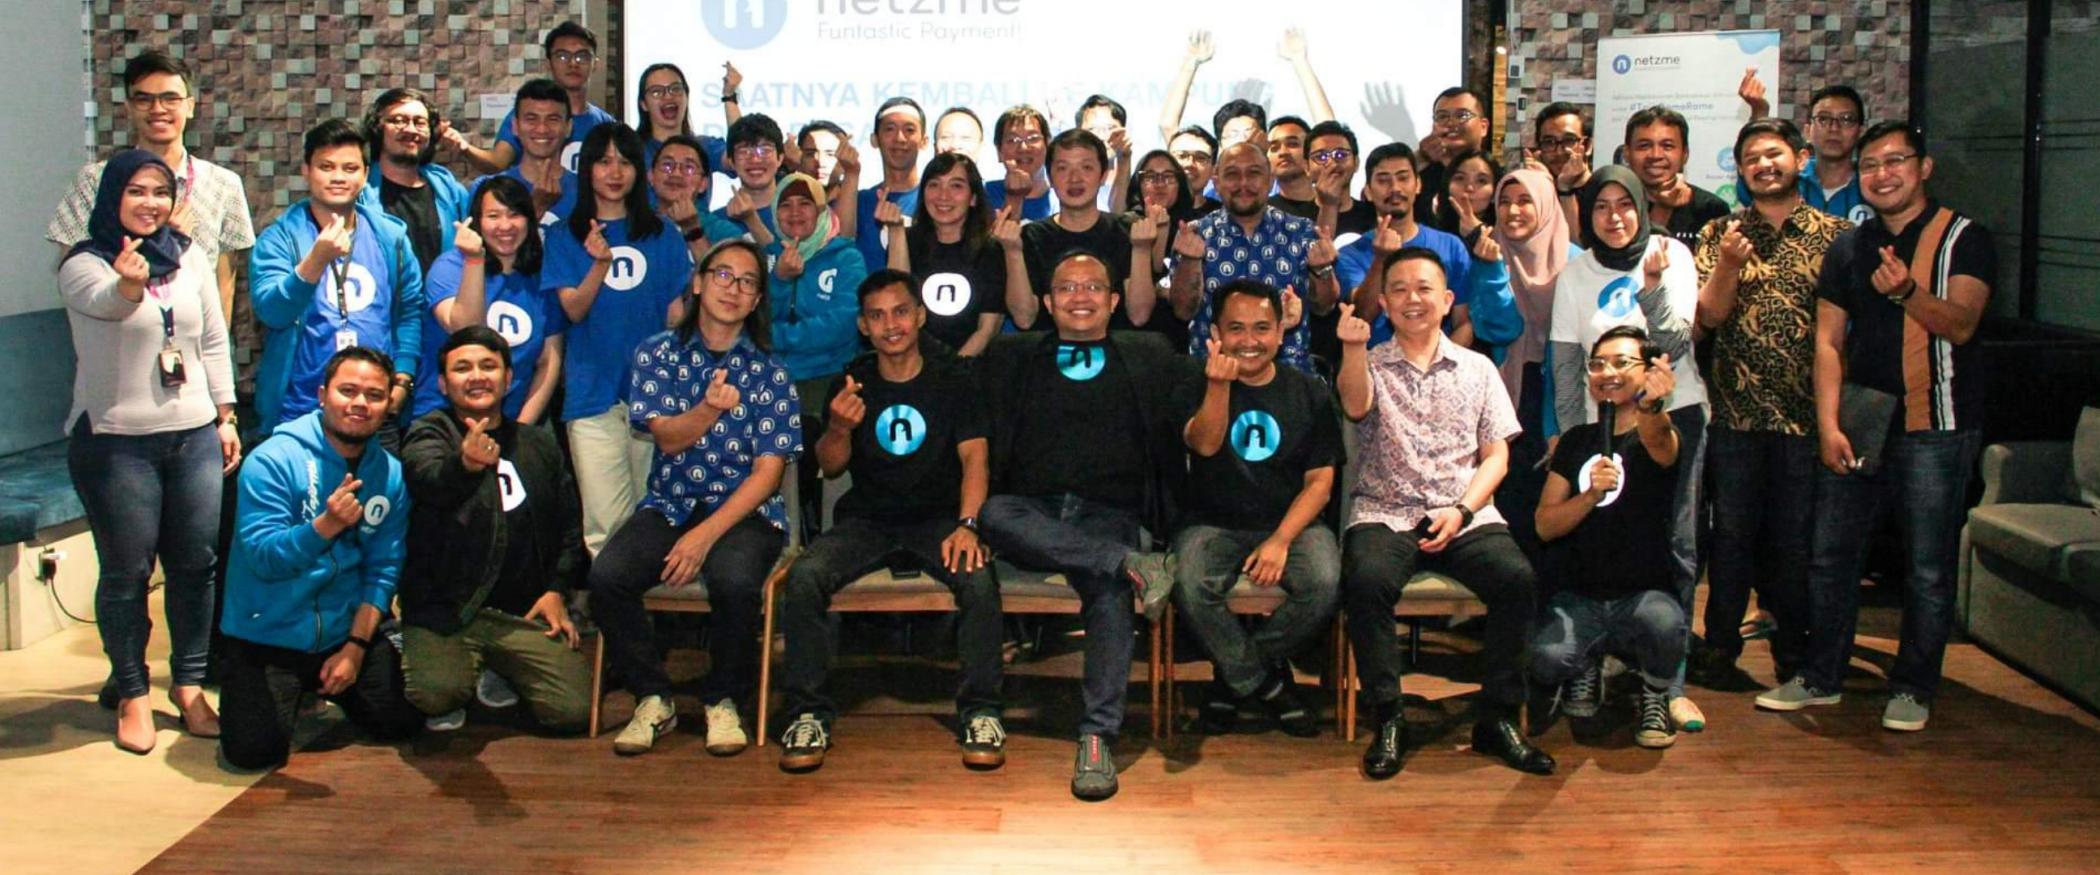 Kantongi izin BI, Netzme lanjutkan 1000 kampung dan pesantren digital